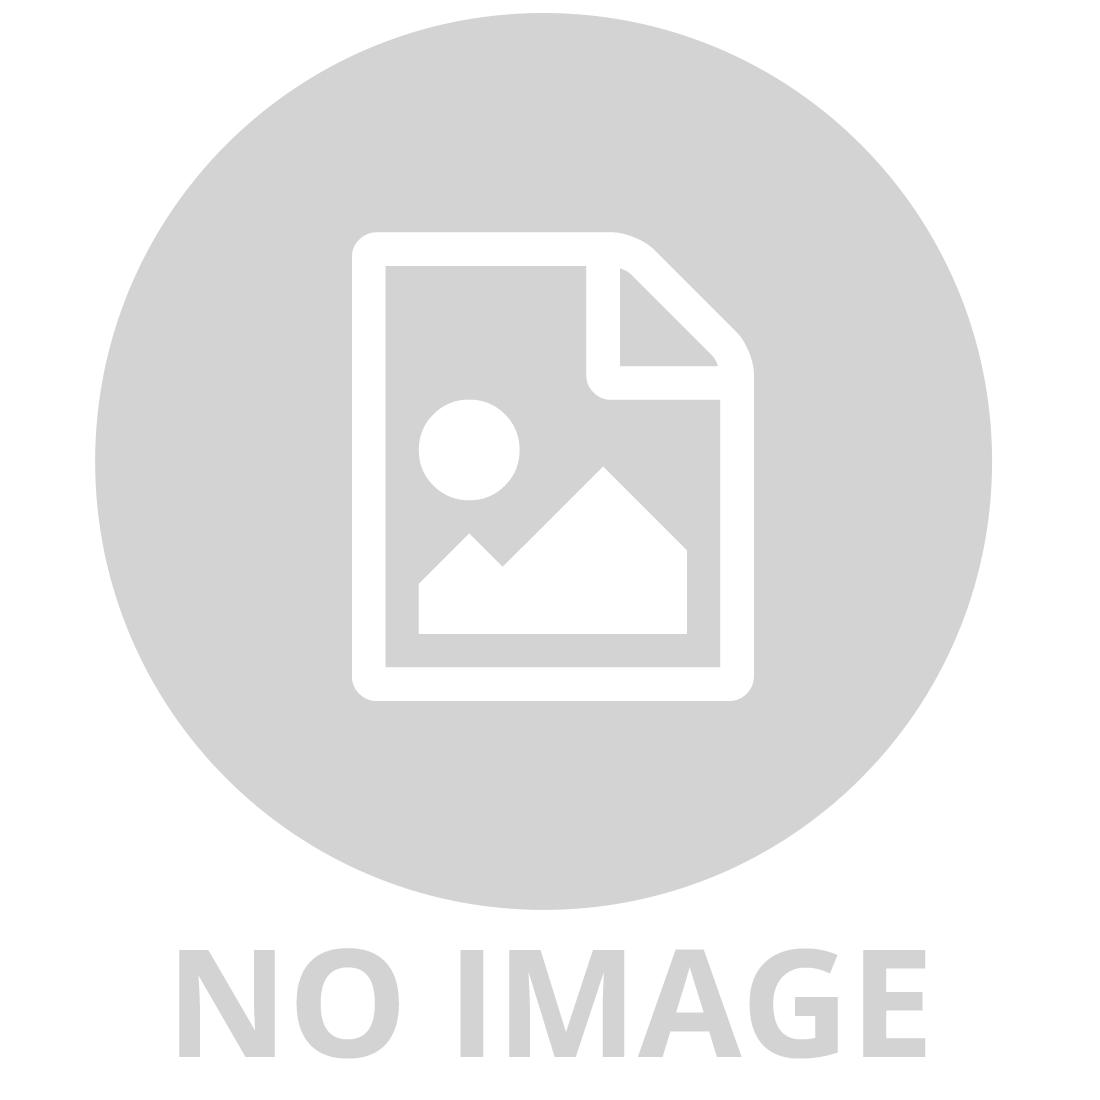 LEGO CITY 60107 FIRE LADDER TRUCK